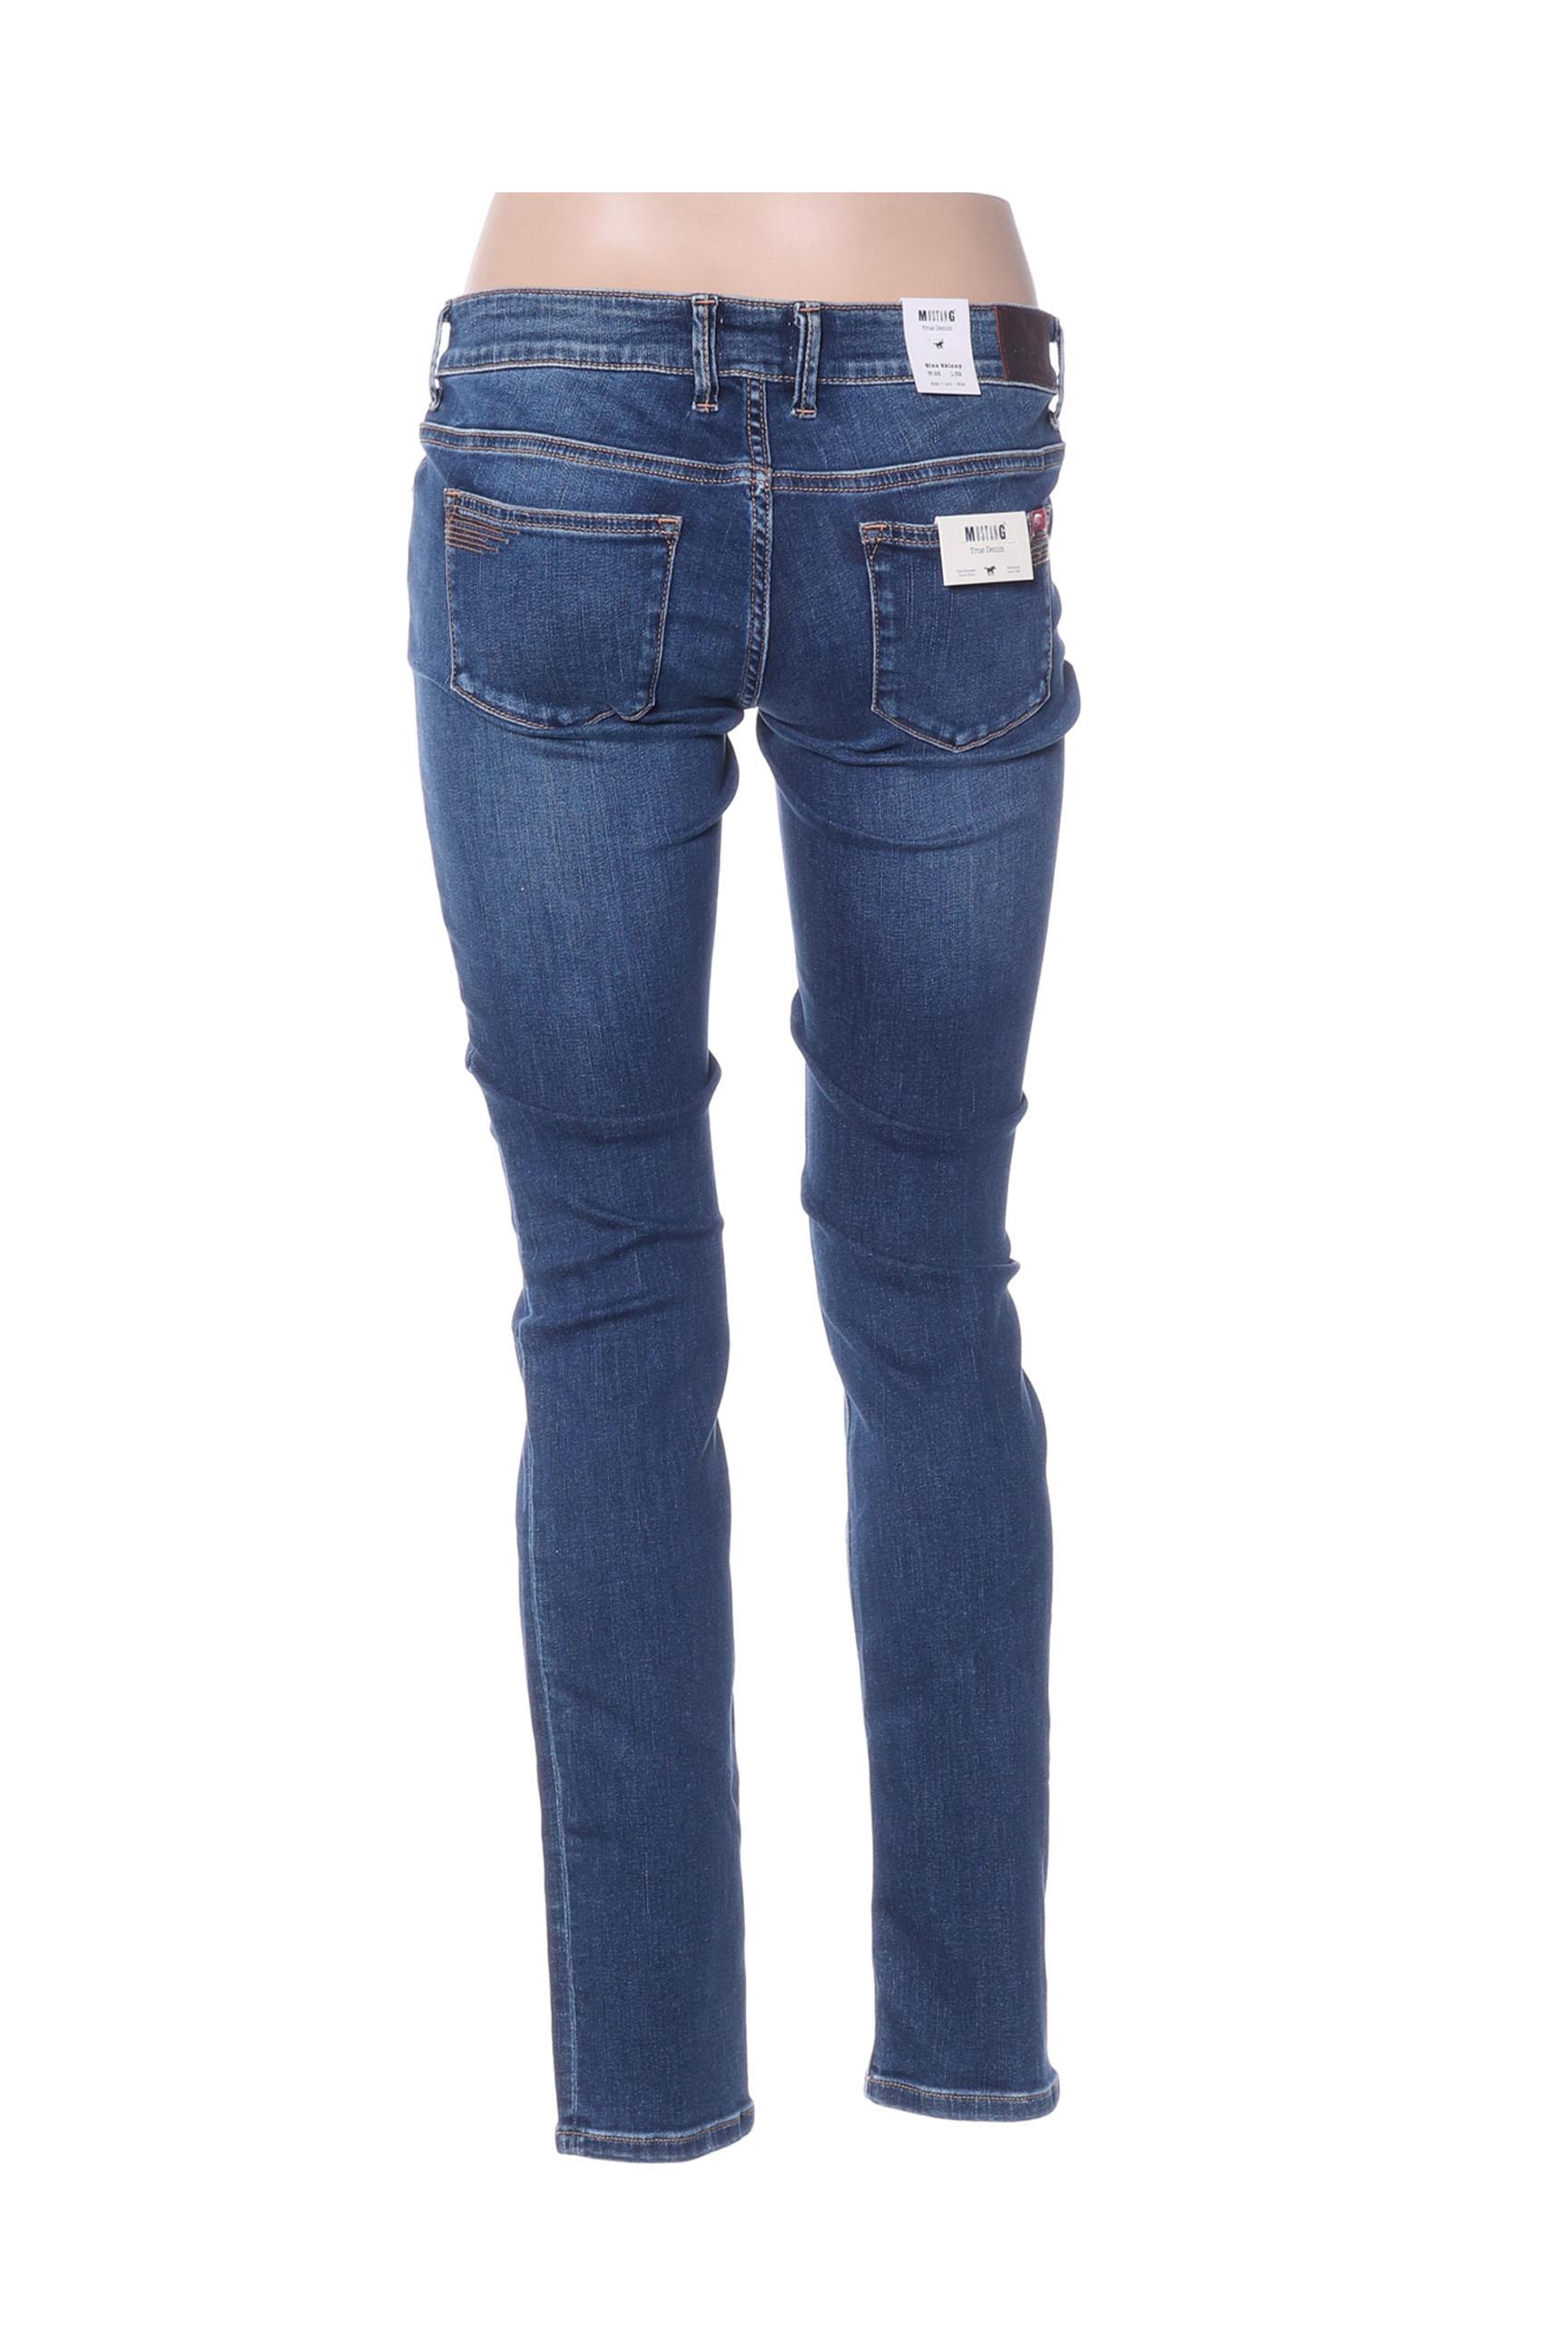 Mustang Jeans Coupe Slim Femme De Couleur Bleu En Soldes Pas Cher 1411523-bleu00